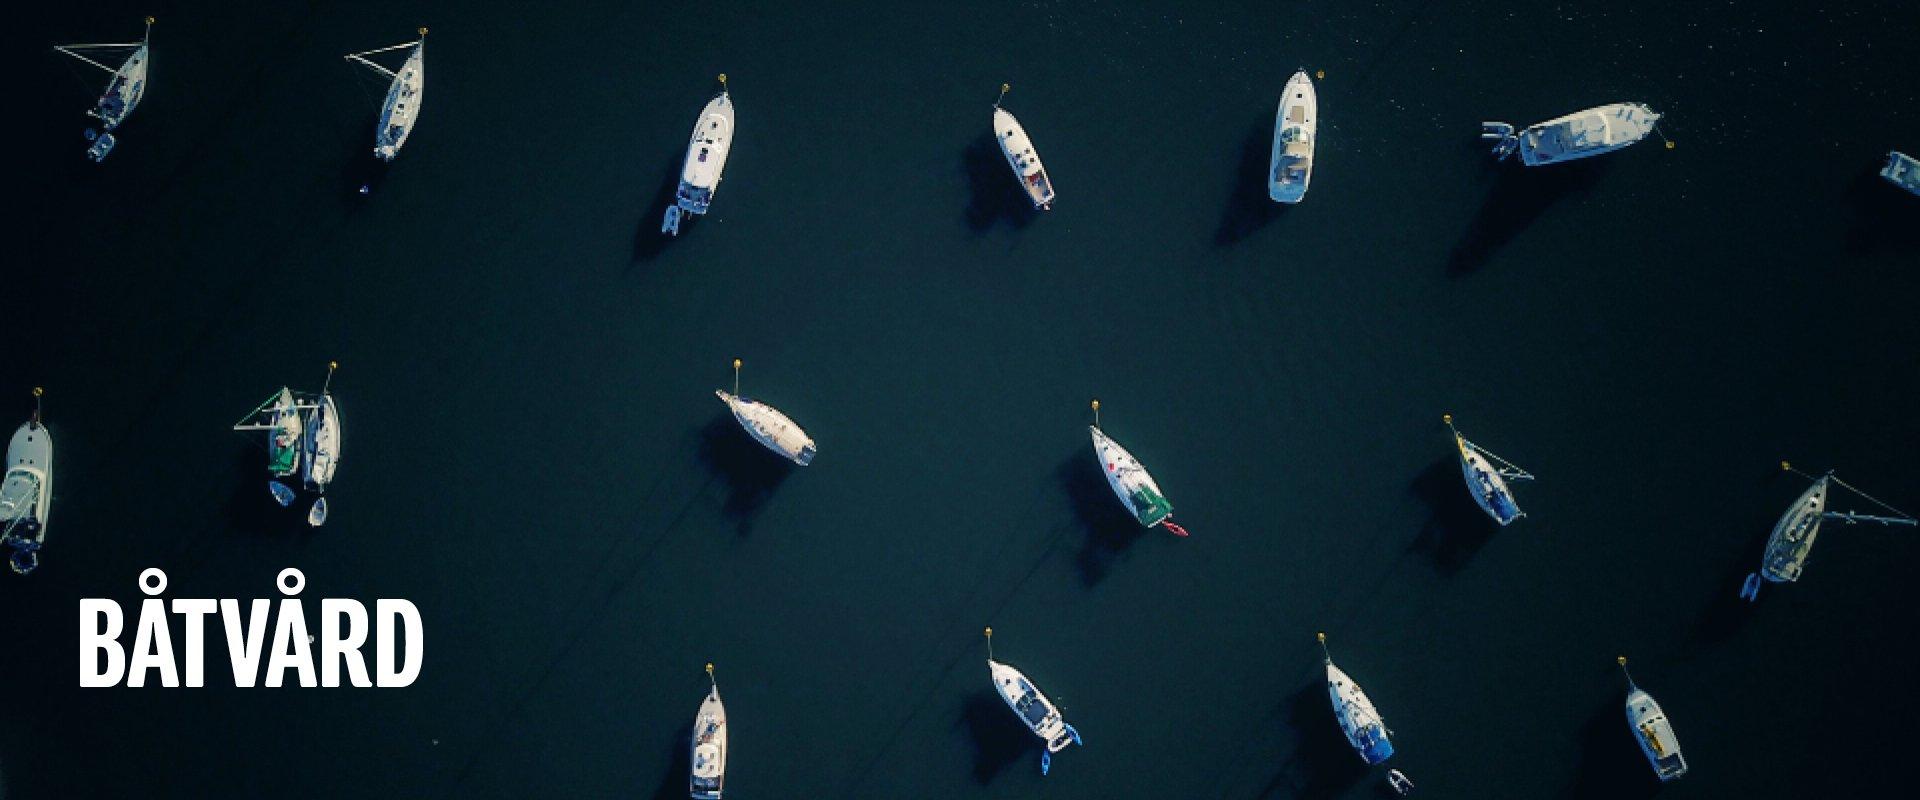 båtvård